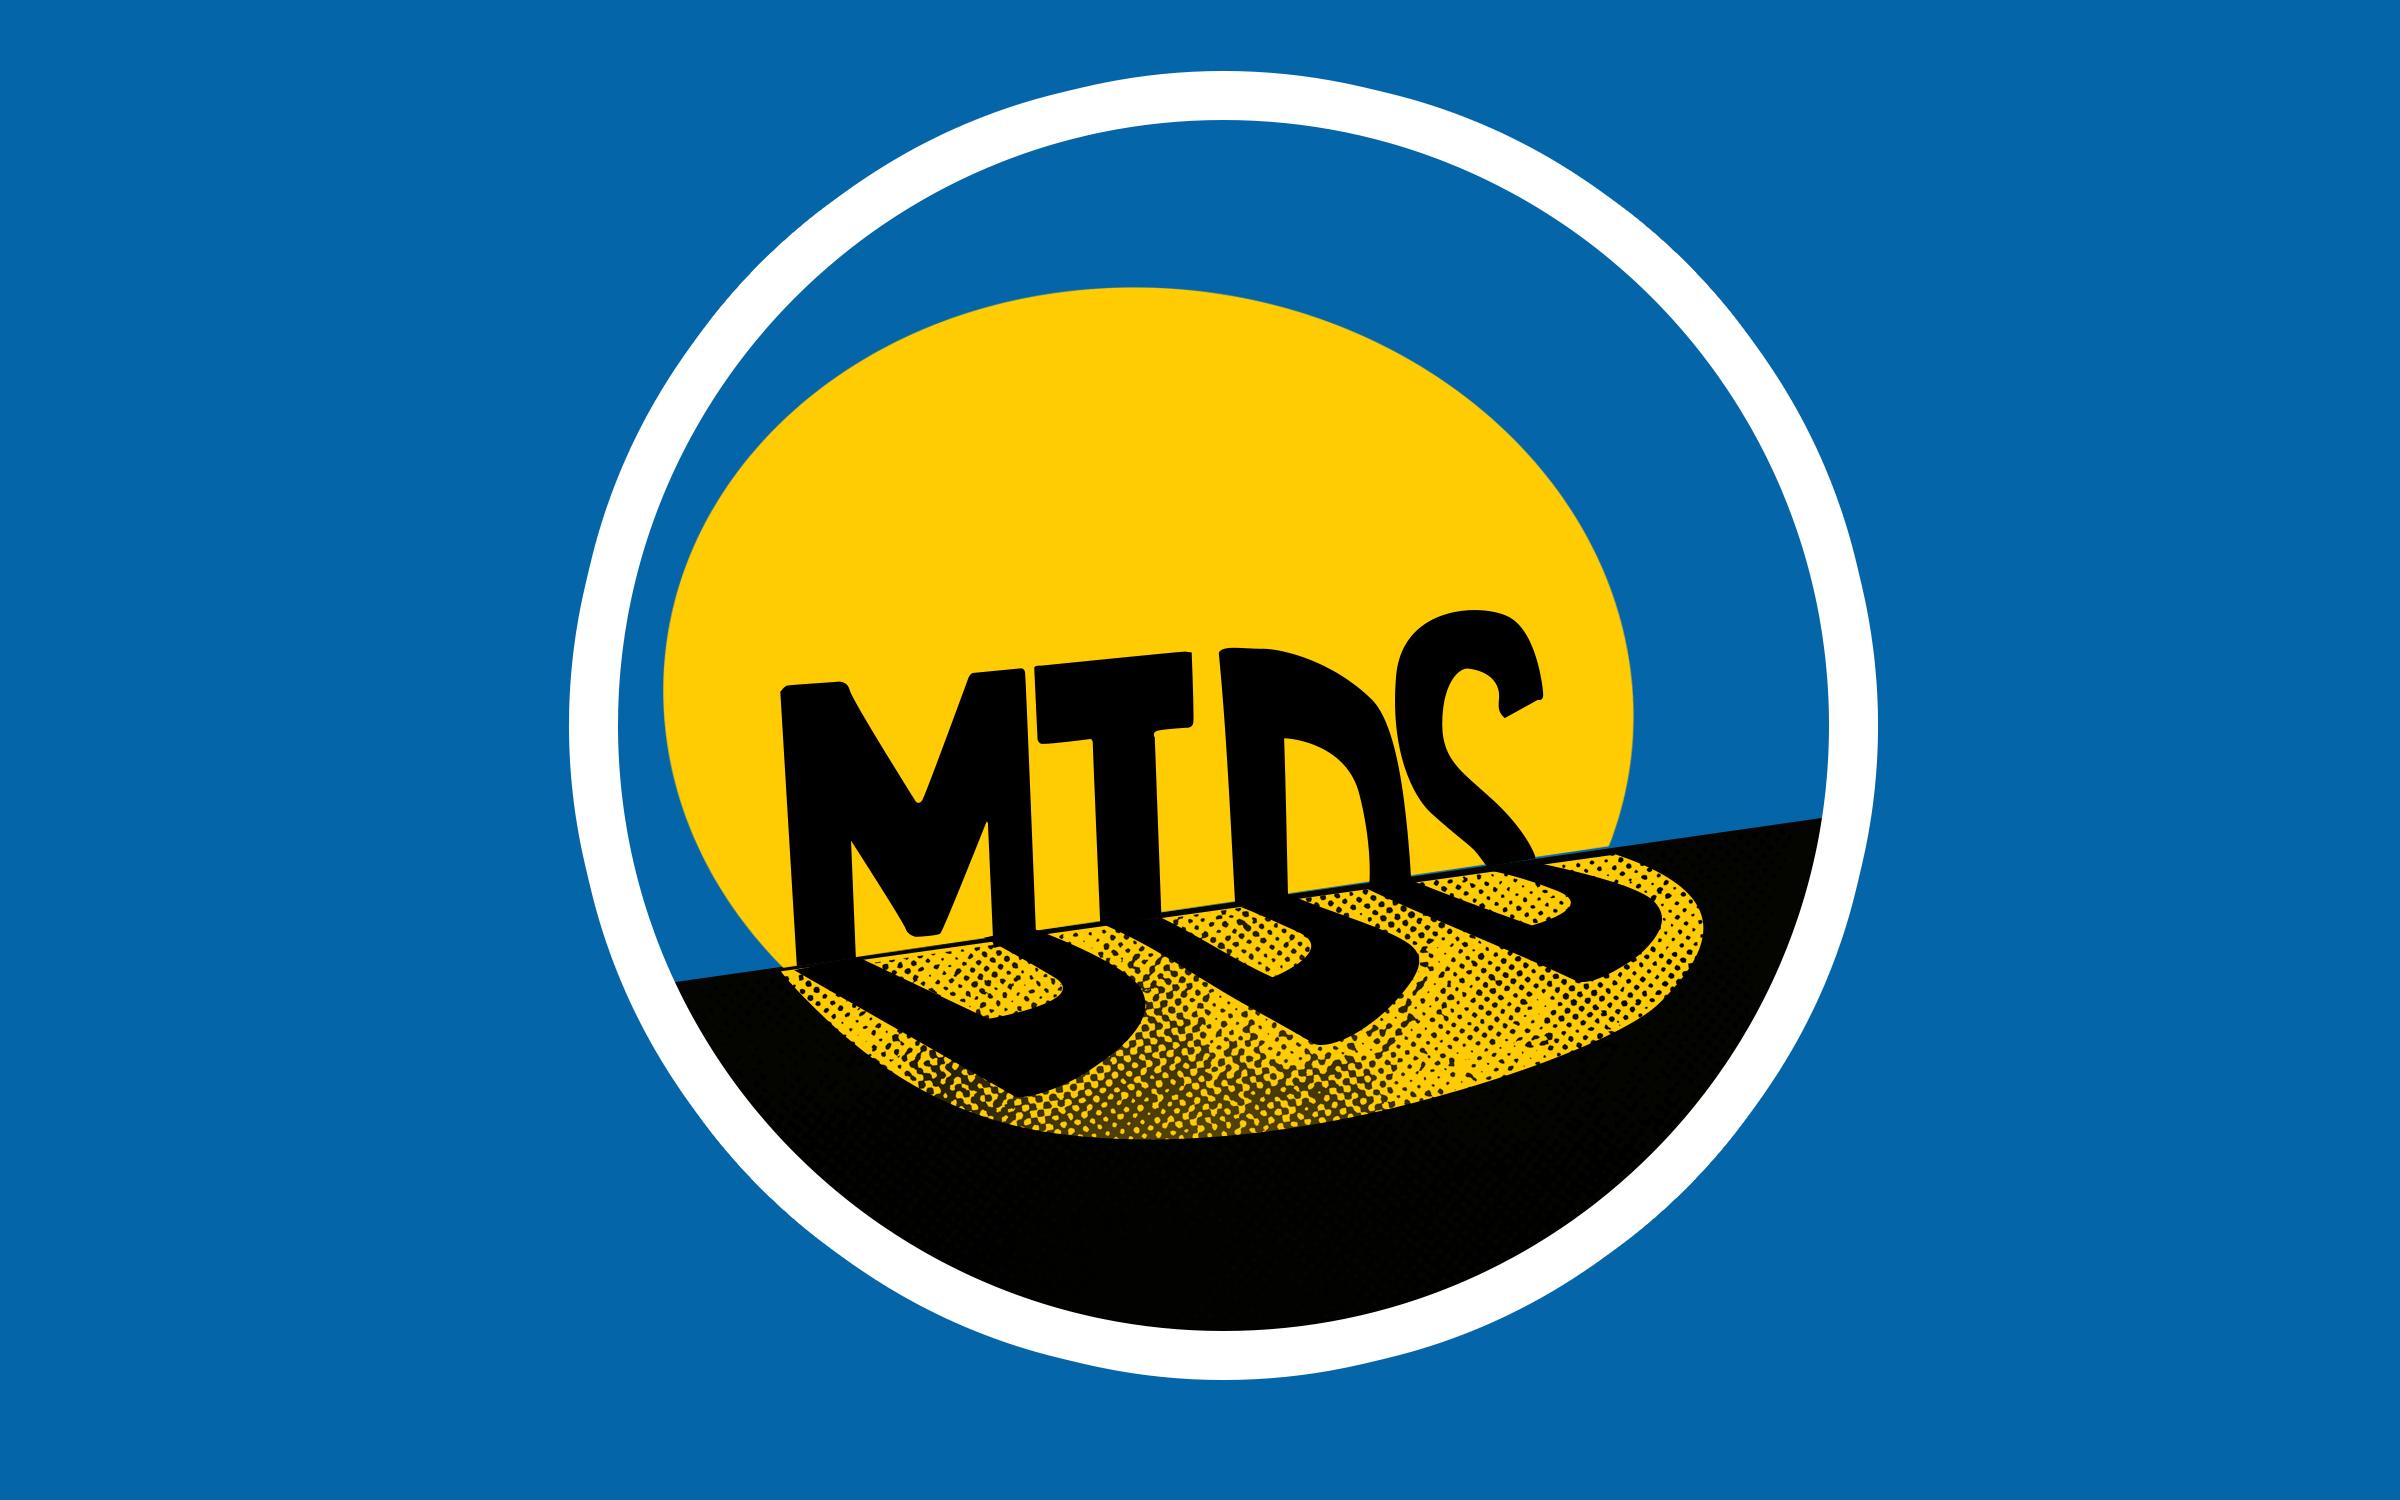 BUTTON - EVOLUTION MTDS-DDD.jpg